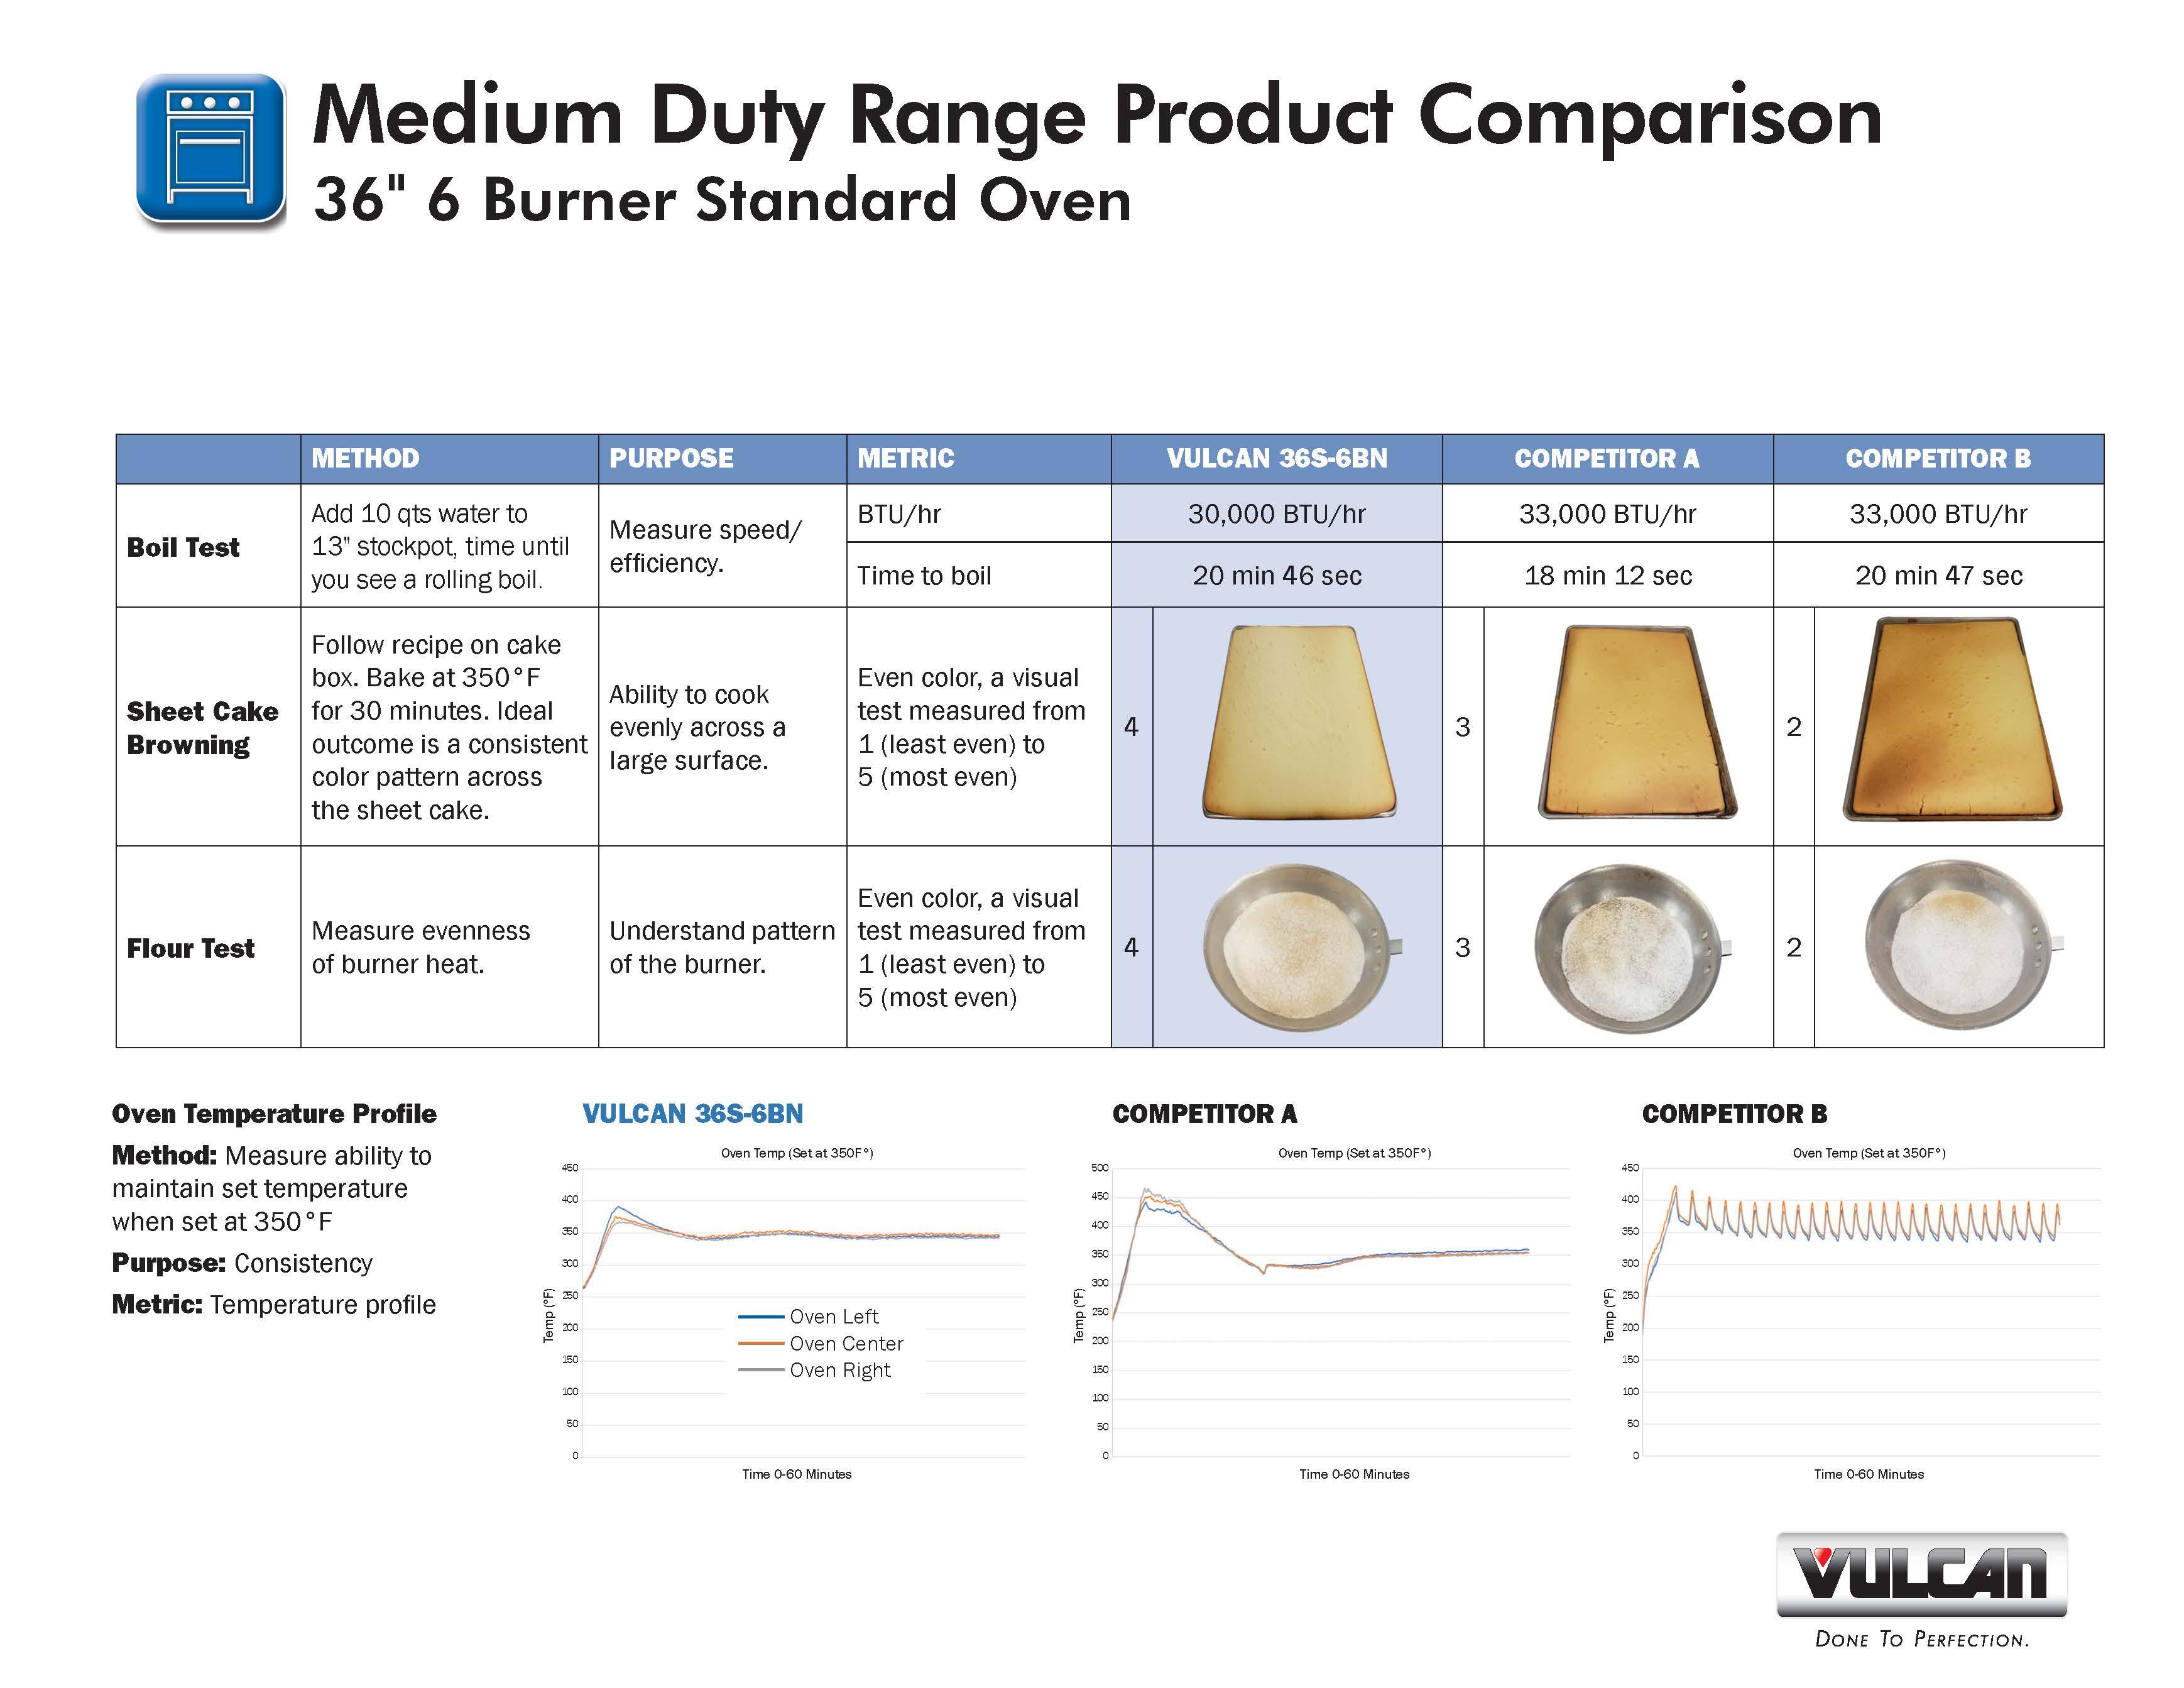 Medium Duty Ranges Product Comparison_Page_1